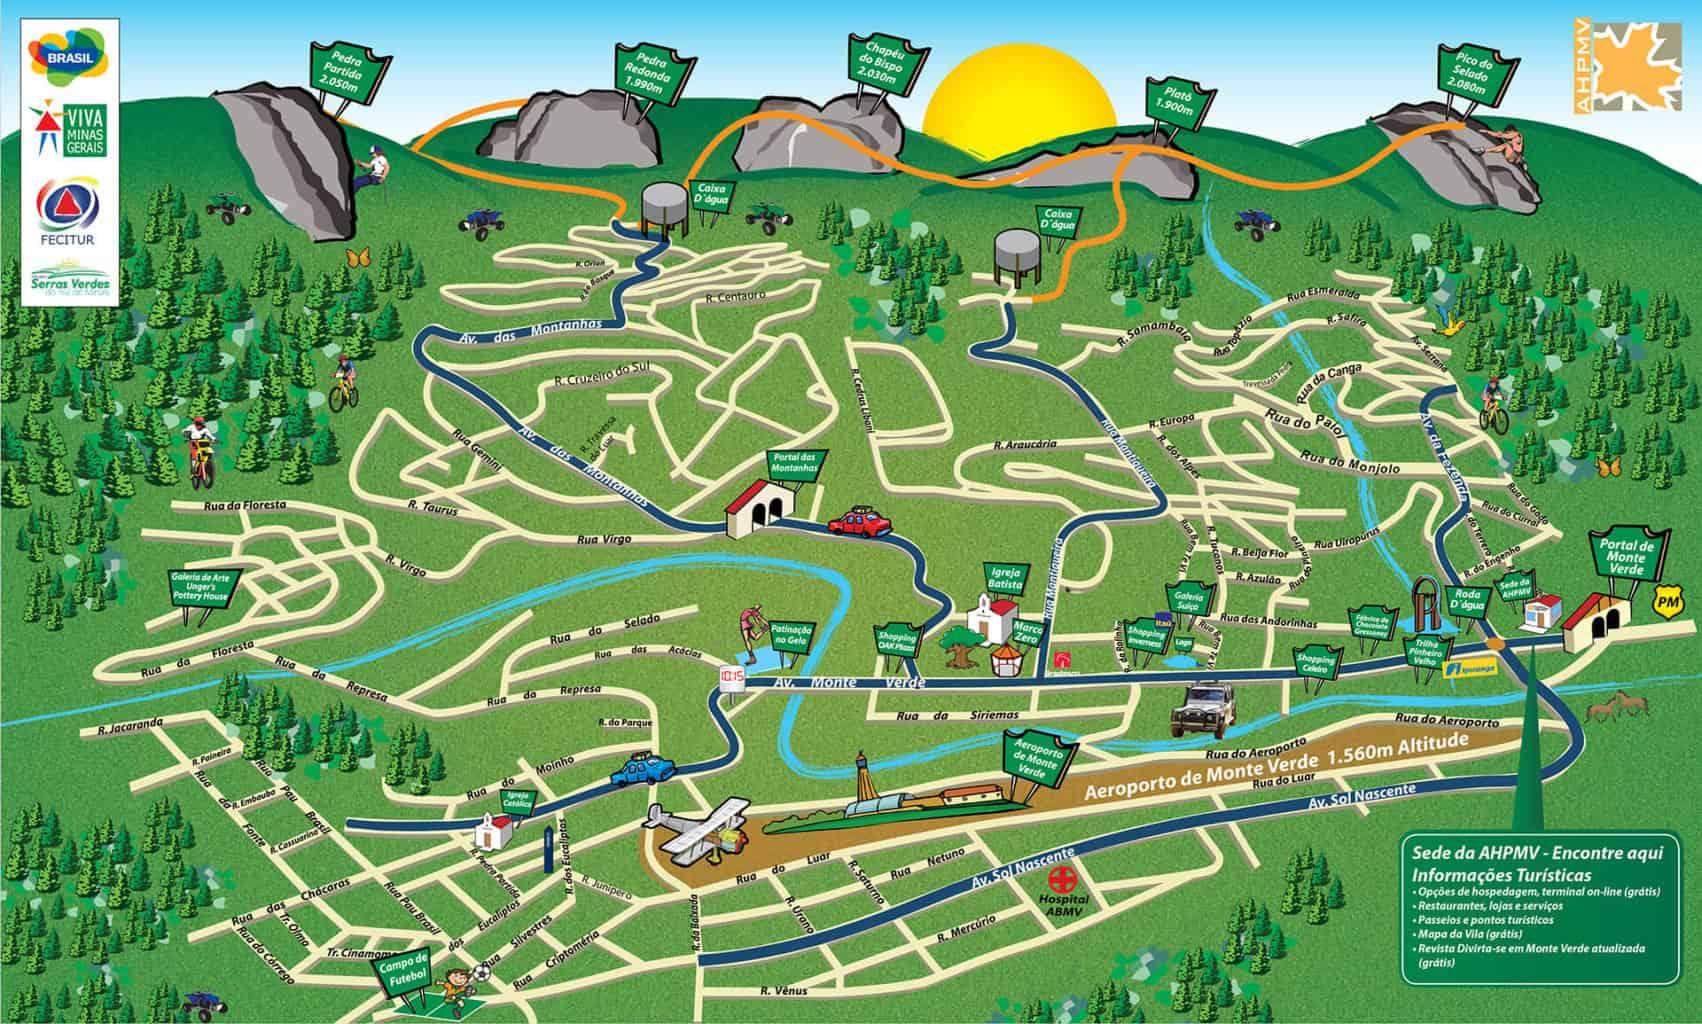 Conheça as principais trilhas de Monte Verde